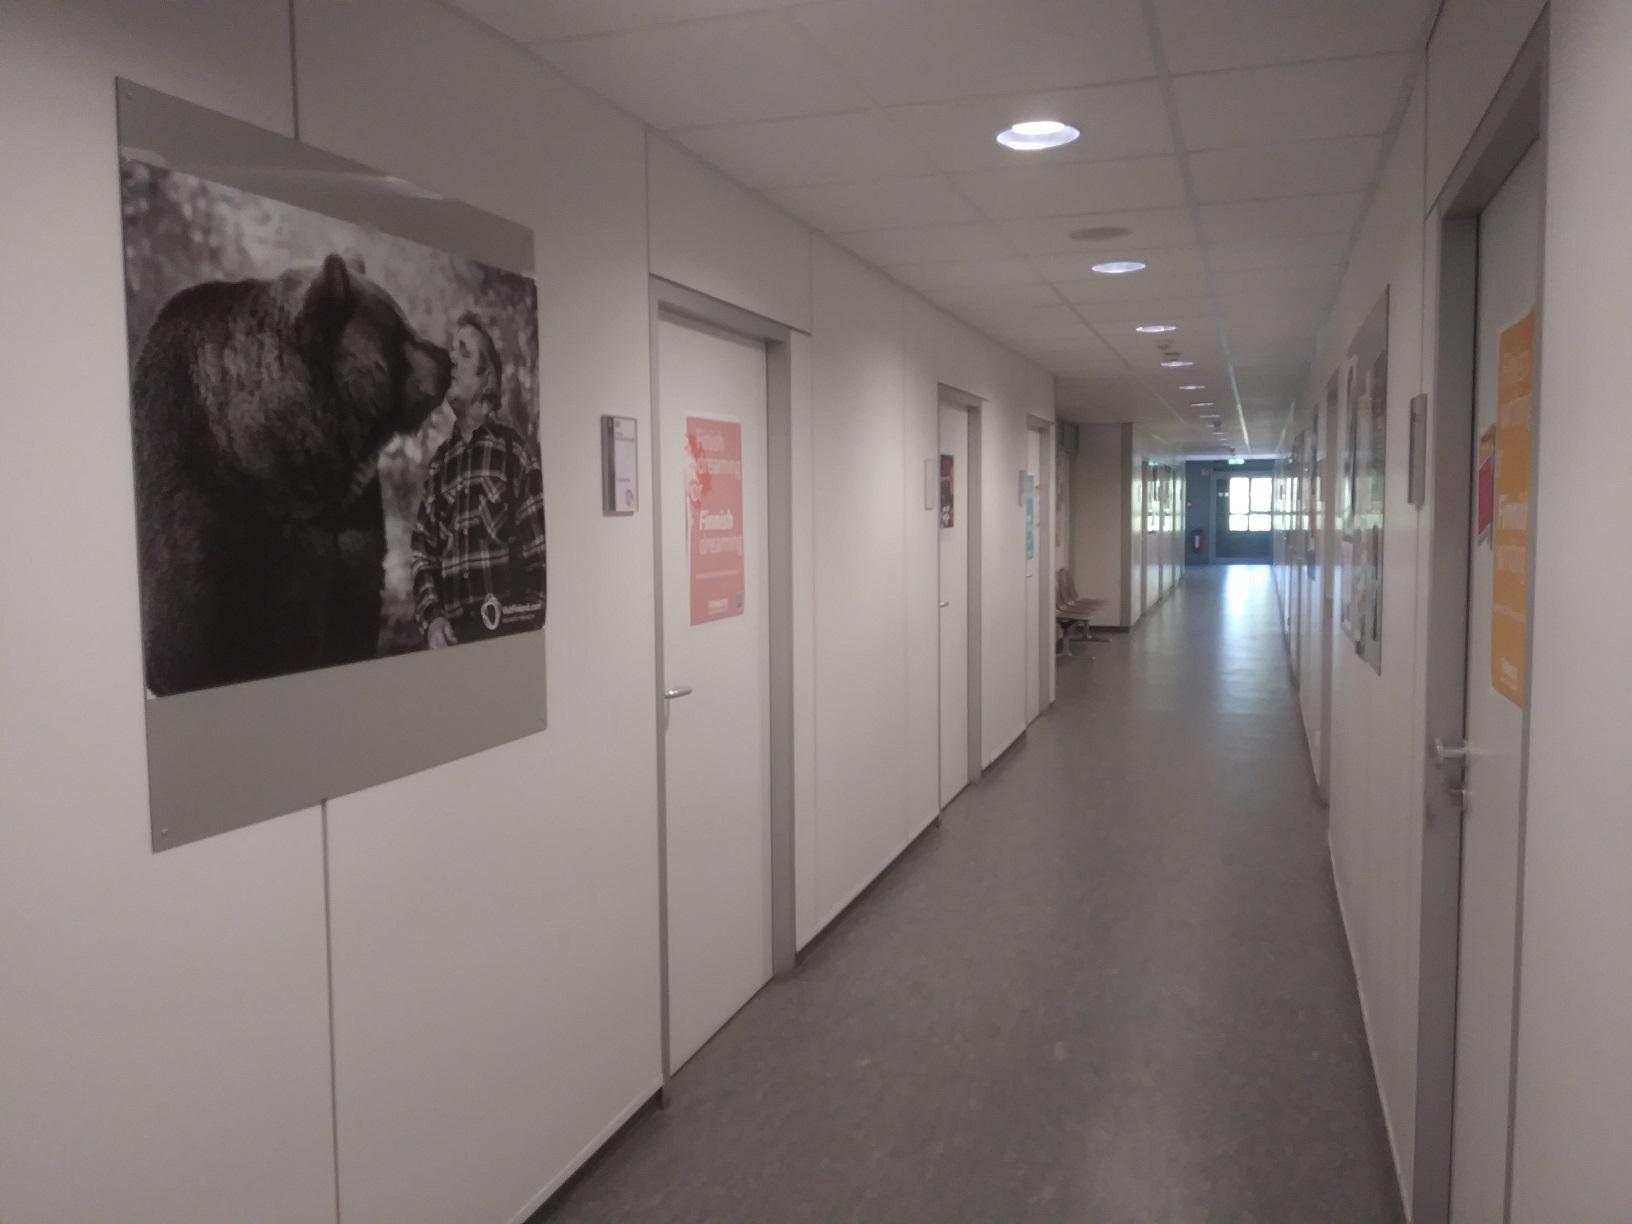 Fennistik studieren in Köln - Korridor im Institut für Fennistik Köln